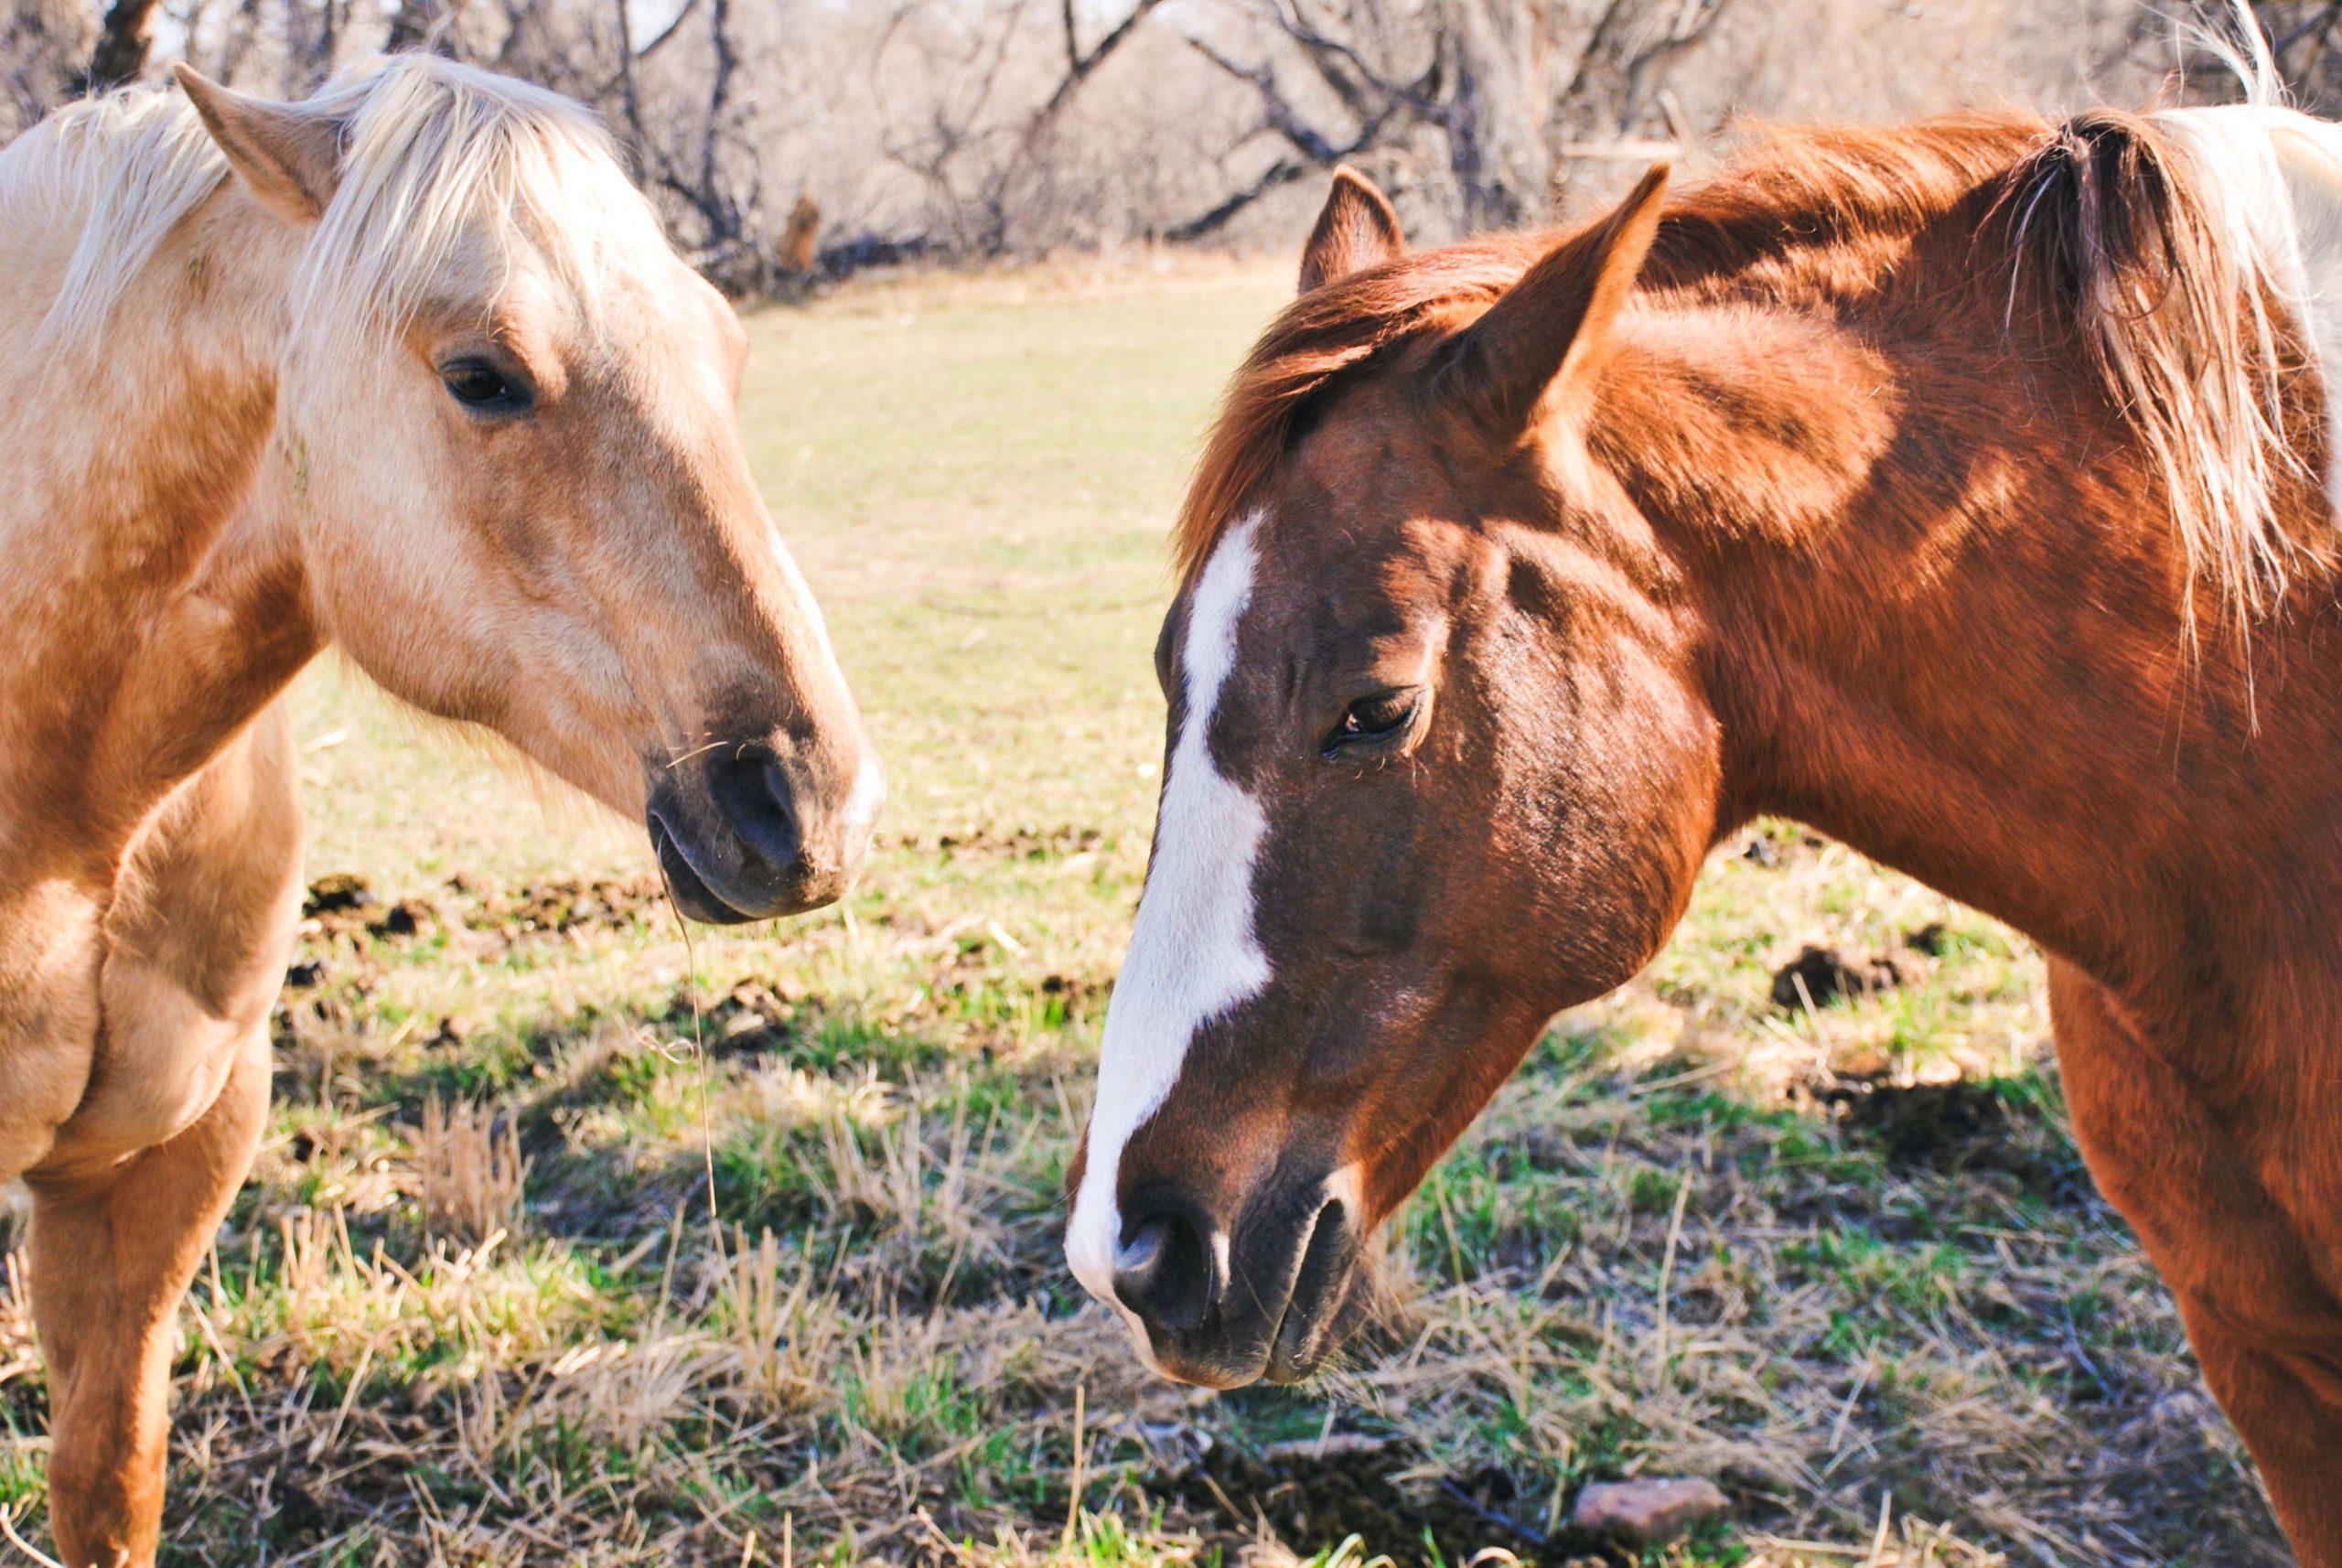 Horse by Lori Heintzelman